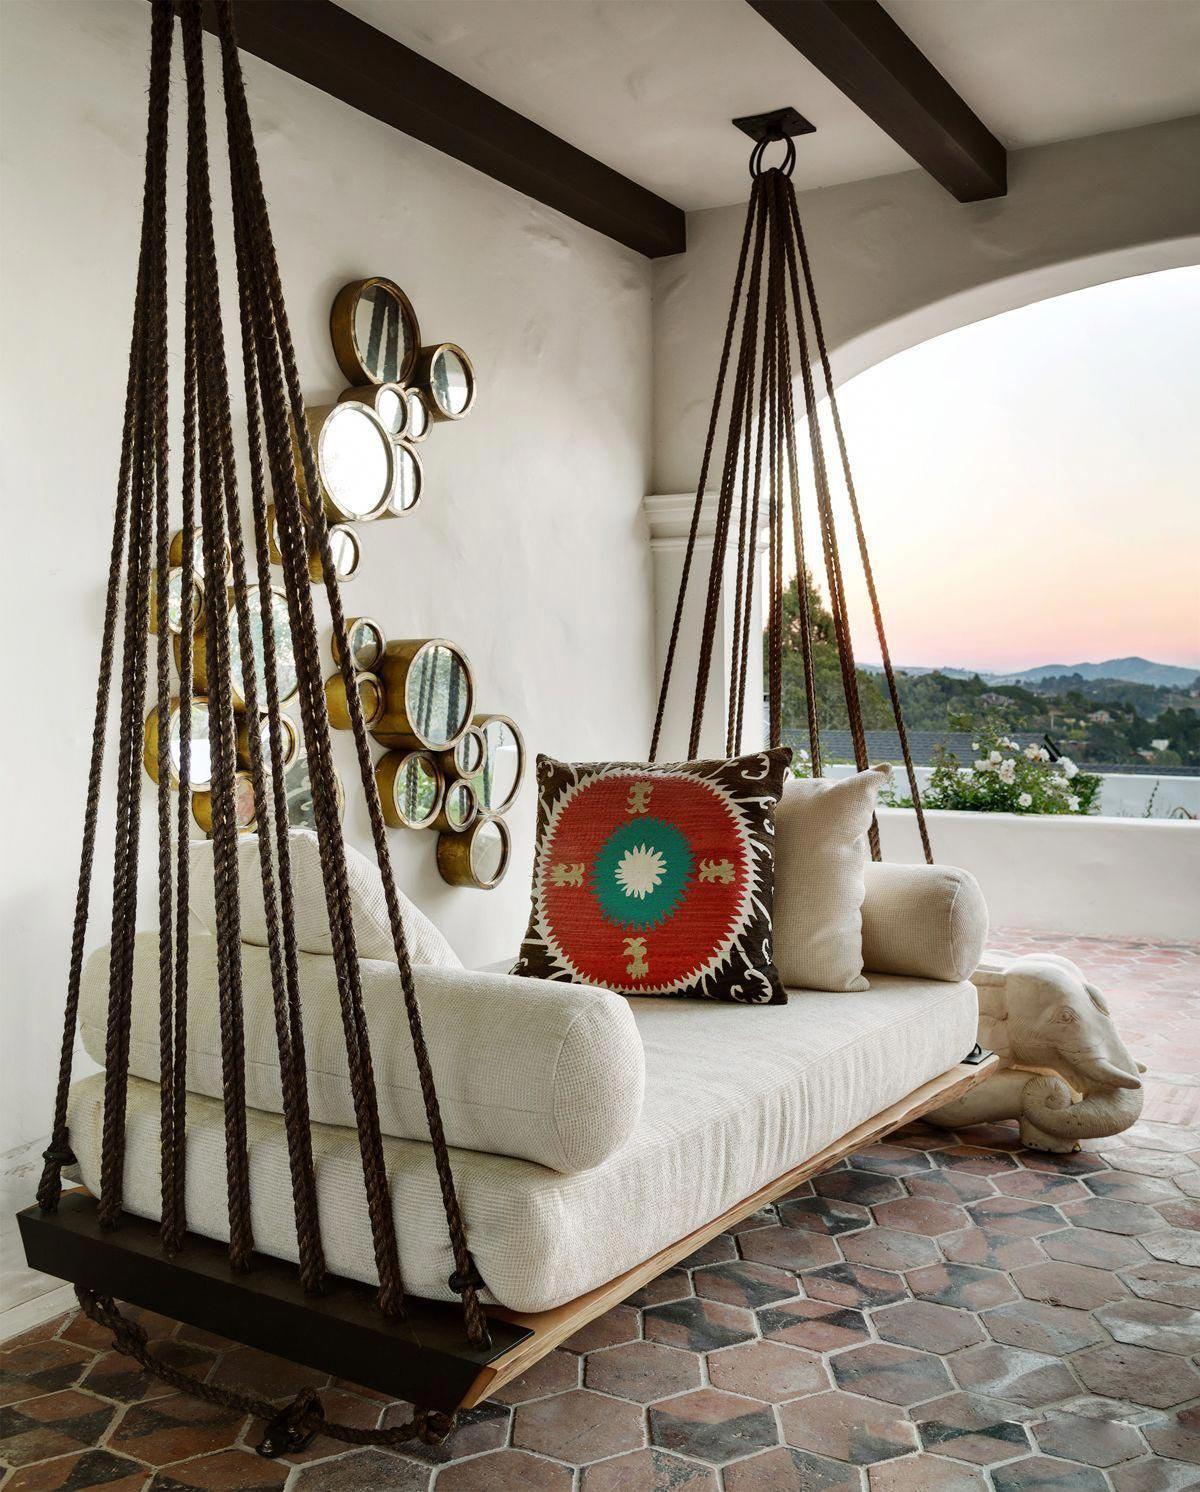 giường treo ấn tượng